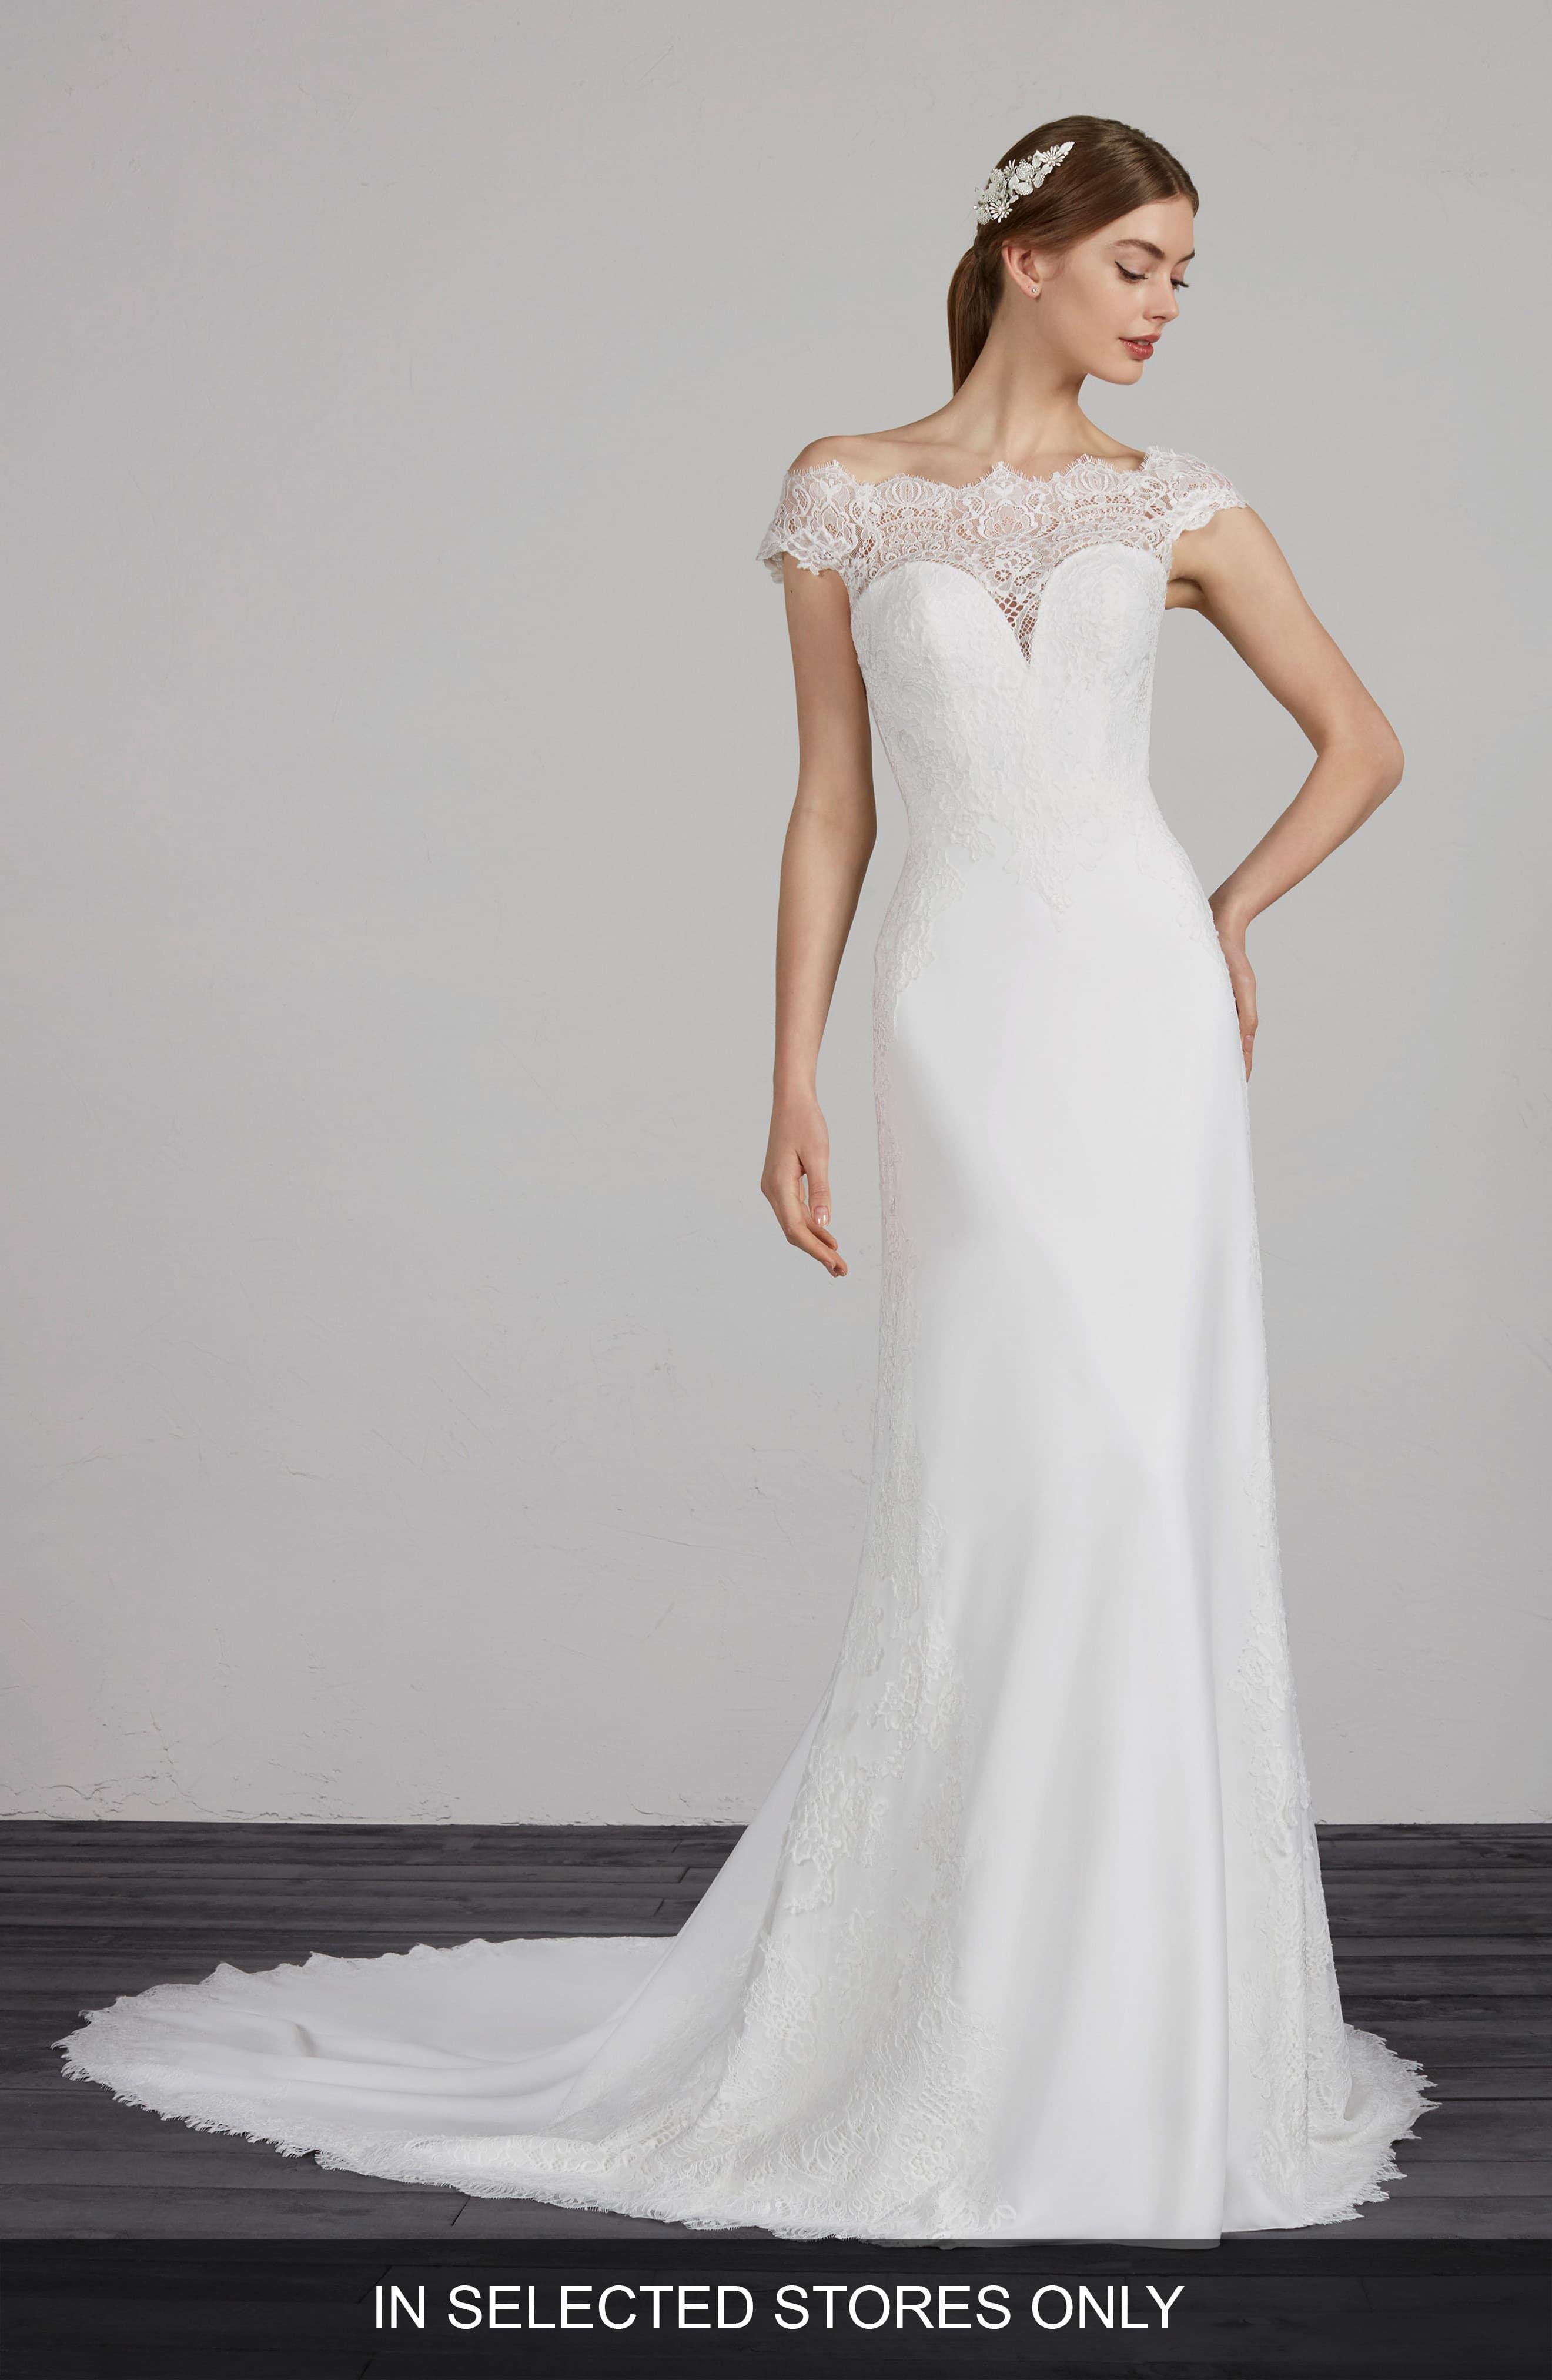 Pronovias Modena Off the Shoulder Lace & Crepe Gown